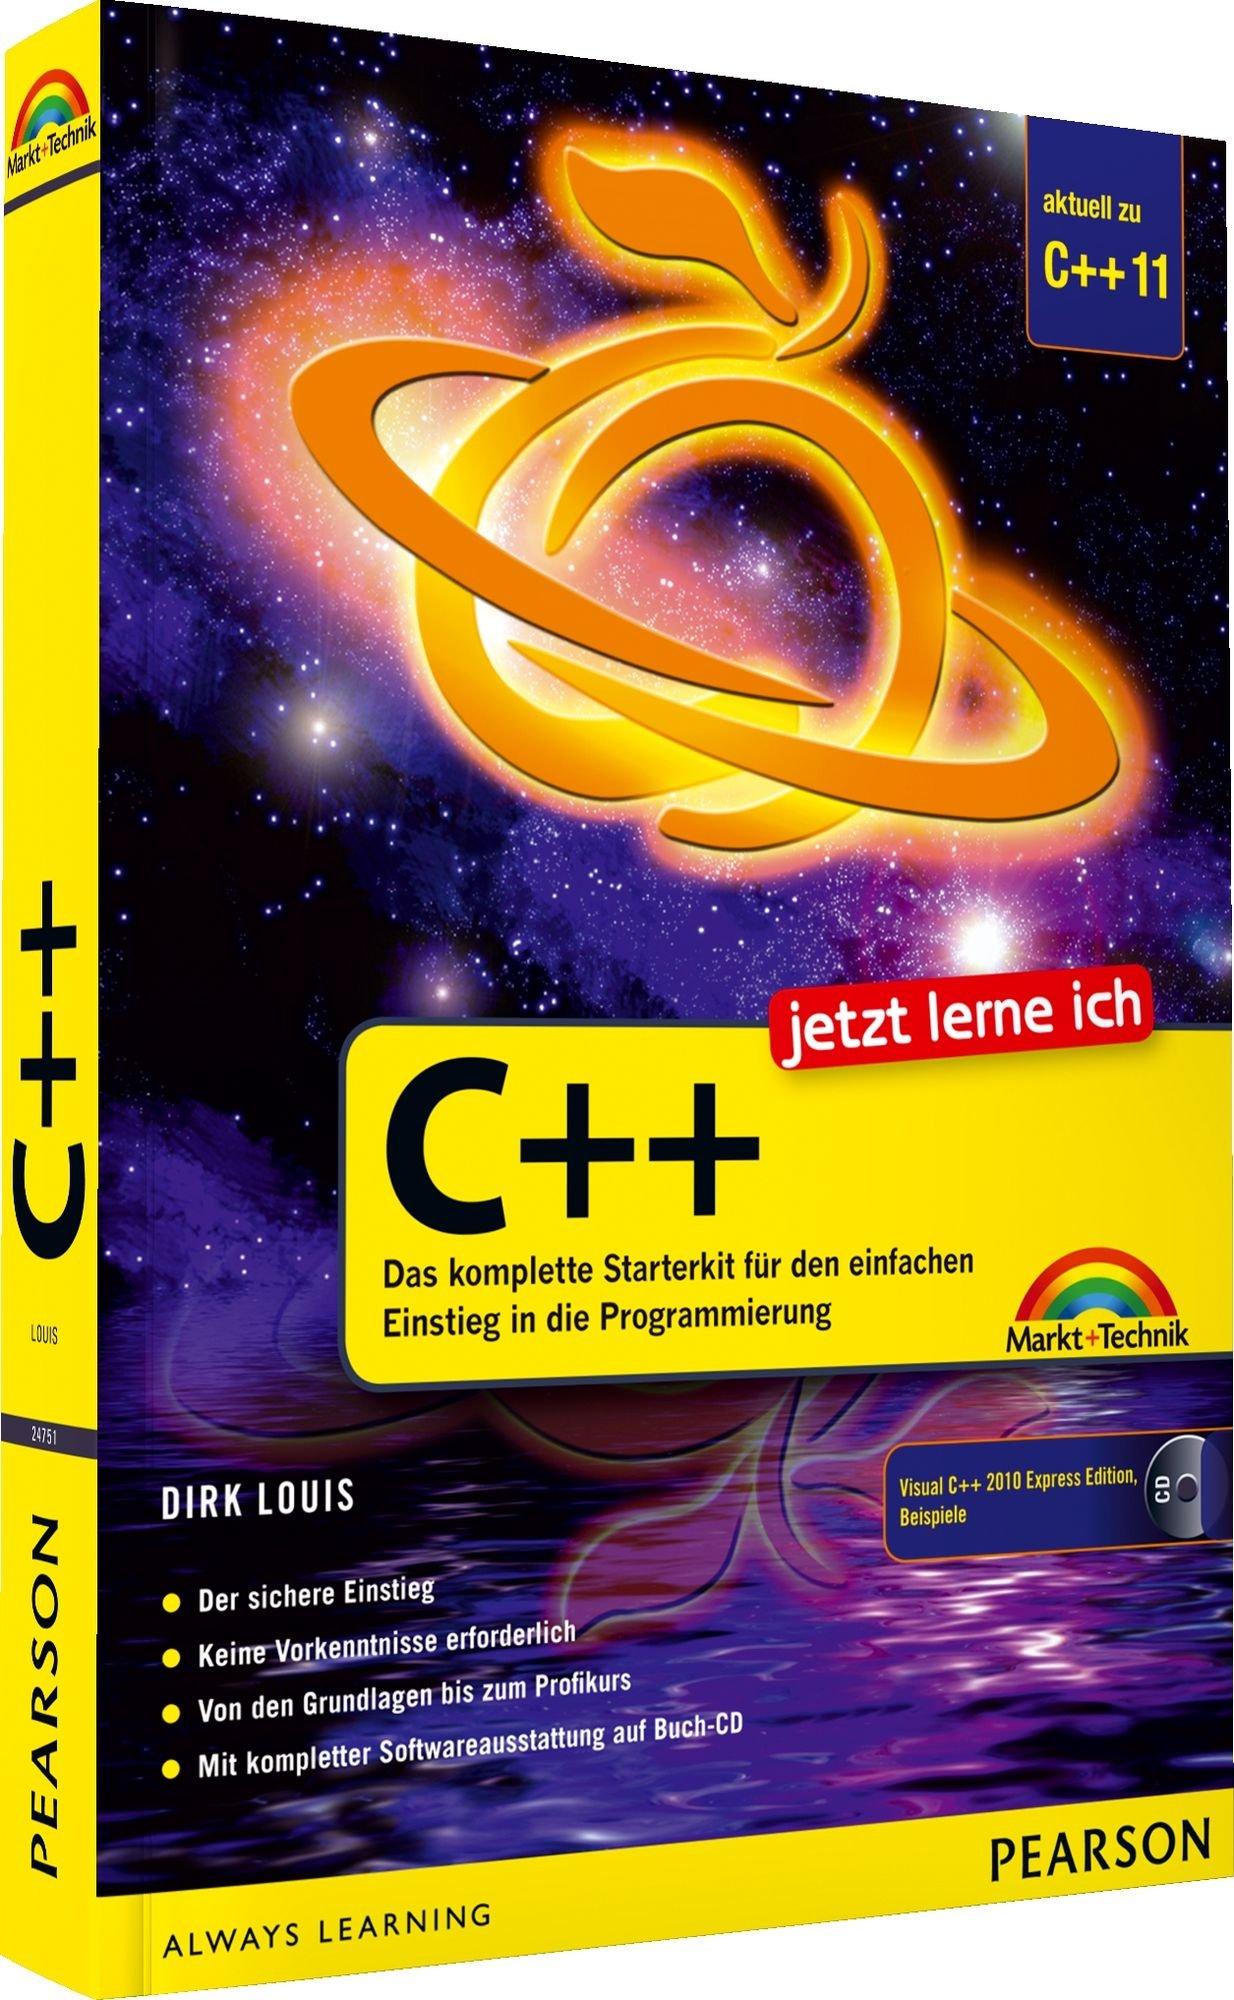 Jetzt lerne ich C++ - aktuell zum neuen Standard C++11: Das komplette Starterkit für den einfachen Einstieg in die Programmierung